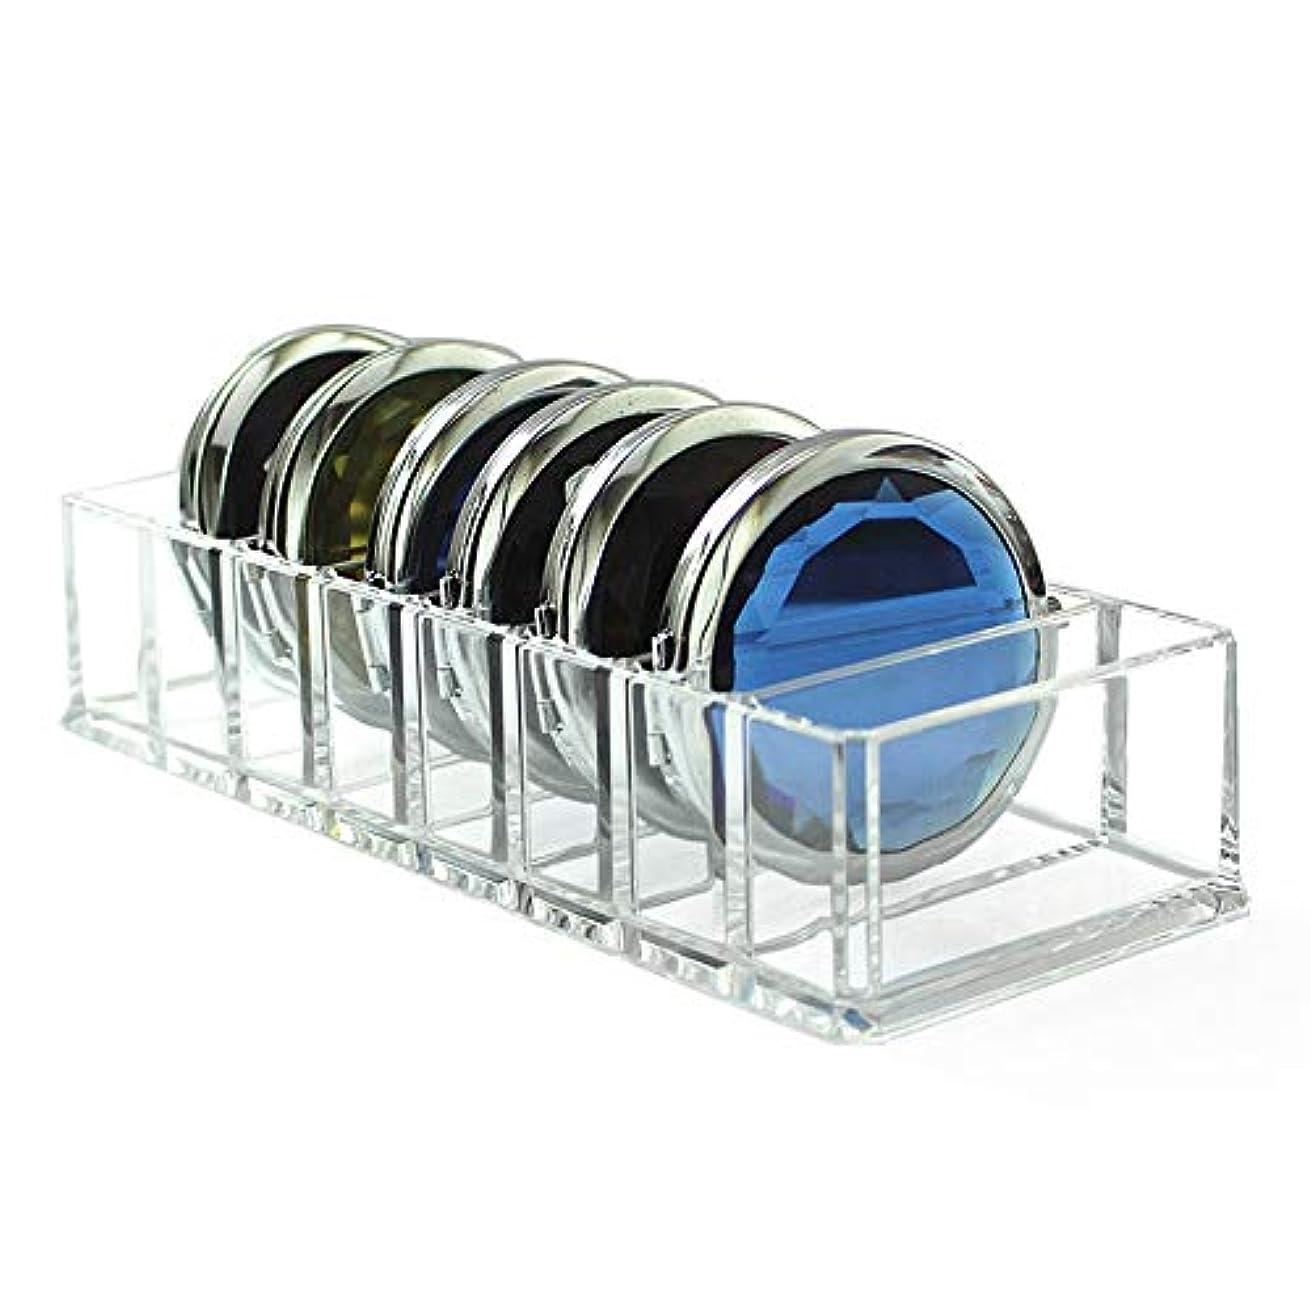 ルーフナラーバーテロリスト整理簡単 化粧品アイシャドウフェイスパウダー用シンプルアクリルクリアメイクオーガナイザーホルダー収納ケースボックス (Color : Clear, Size : 25.5*8.8*4.7cm)